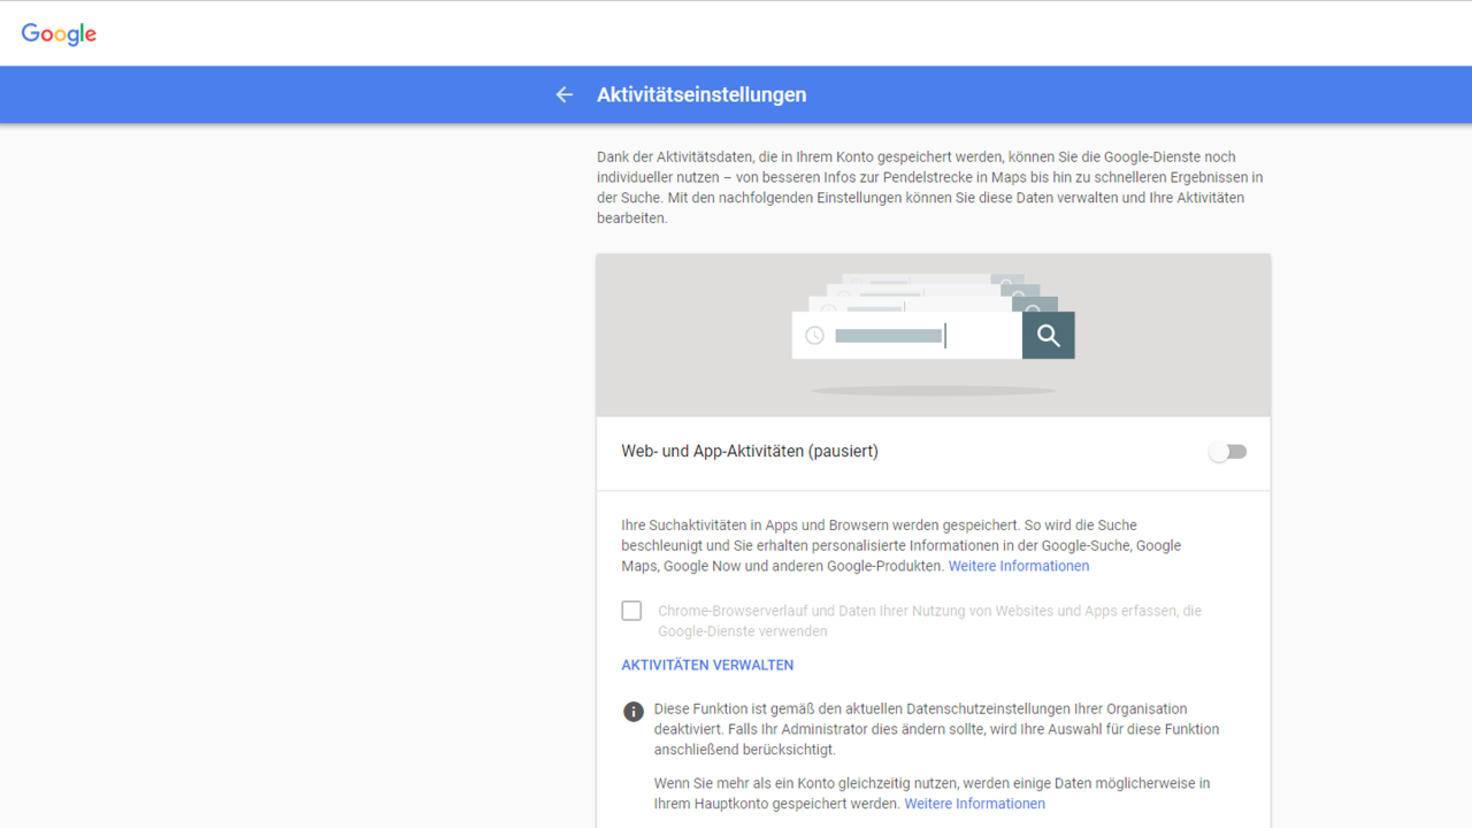 Google Aktivitaetseinstellungen